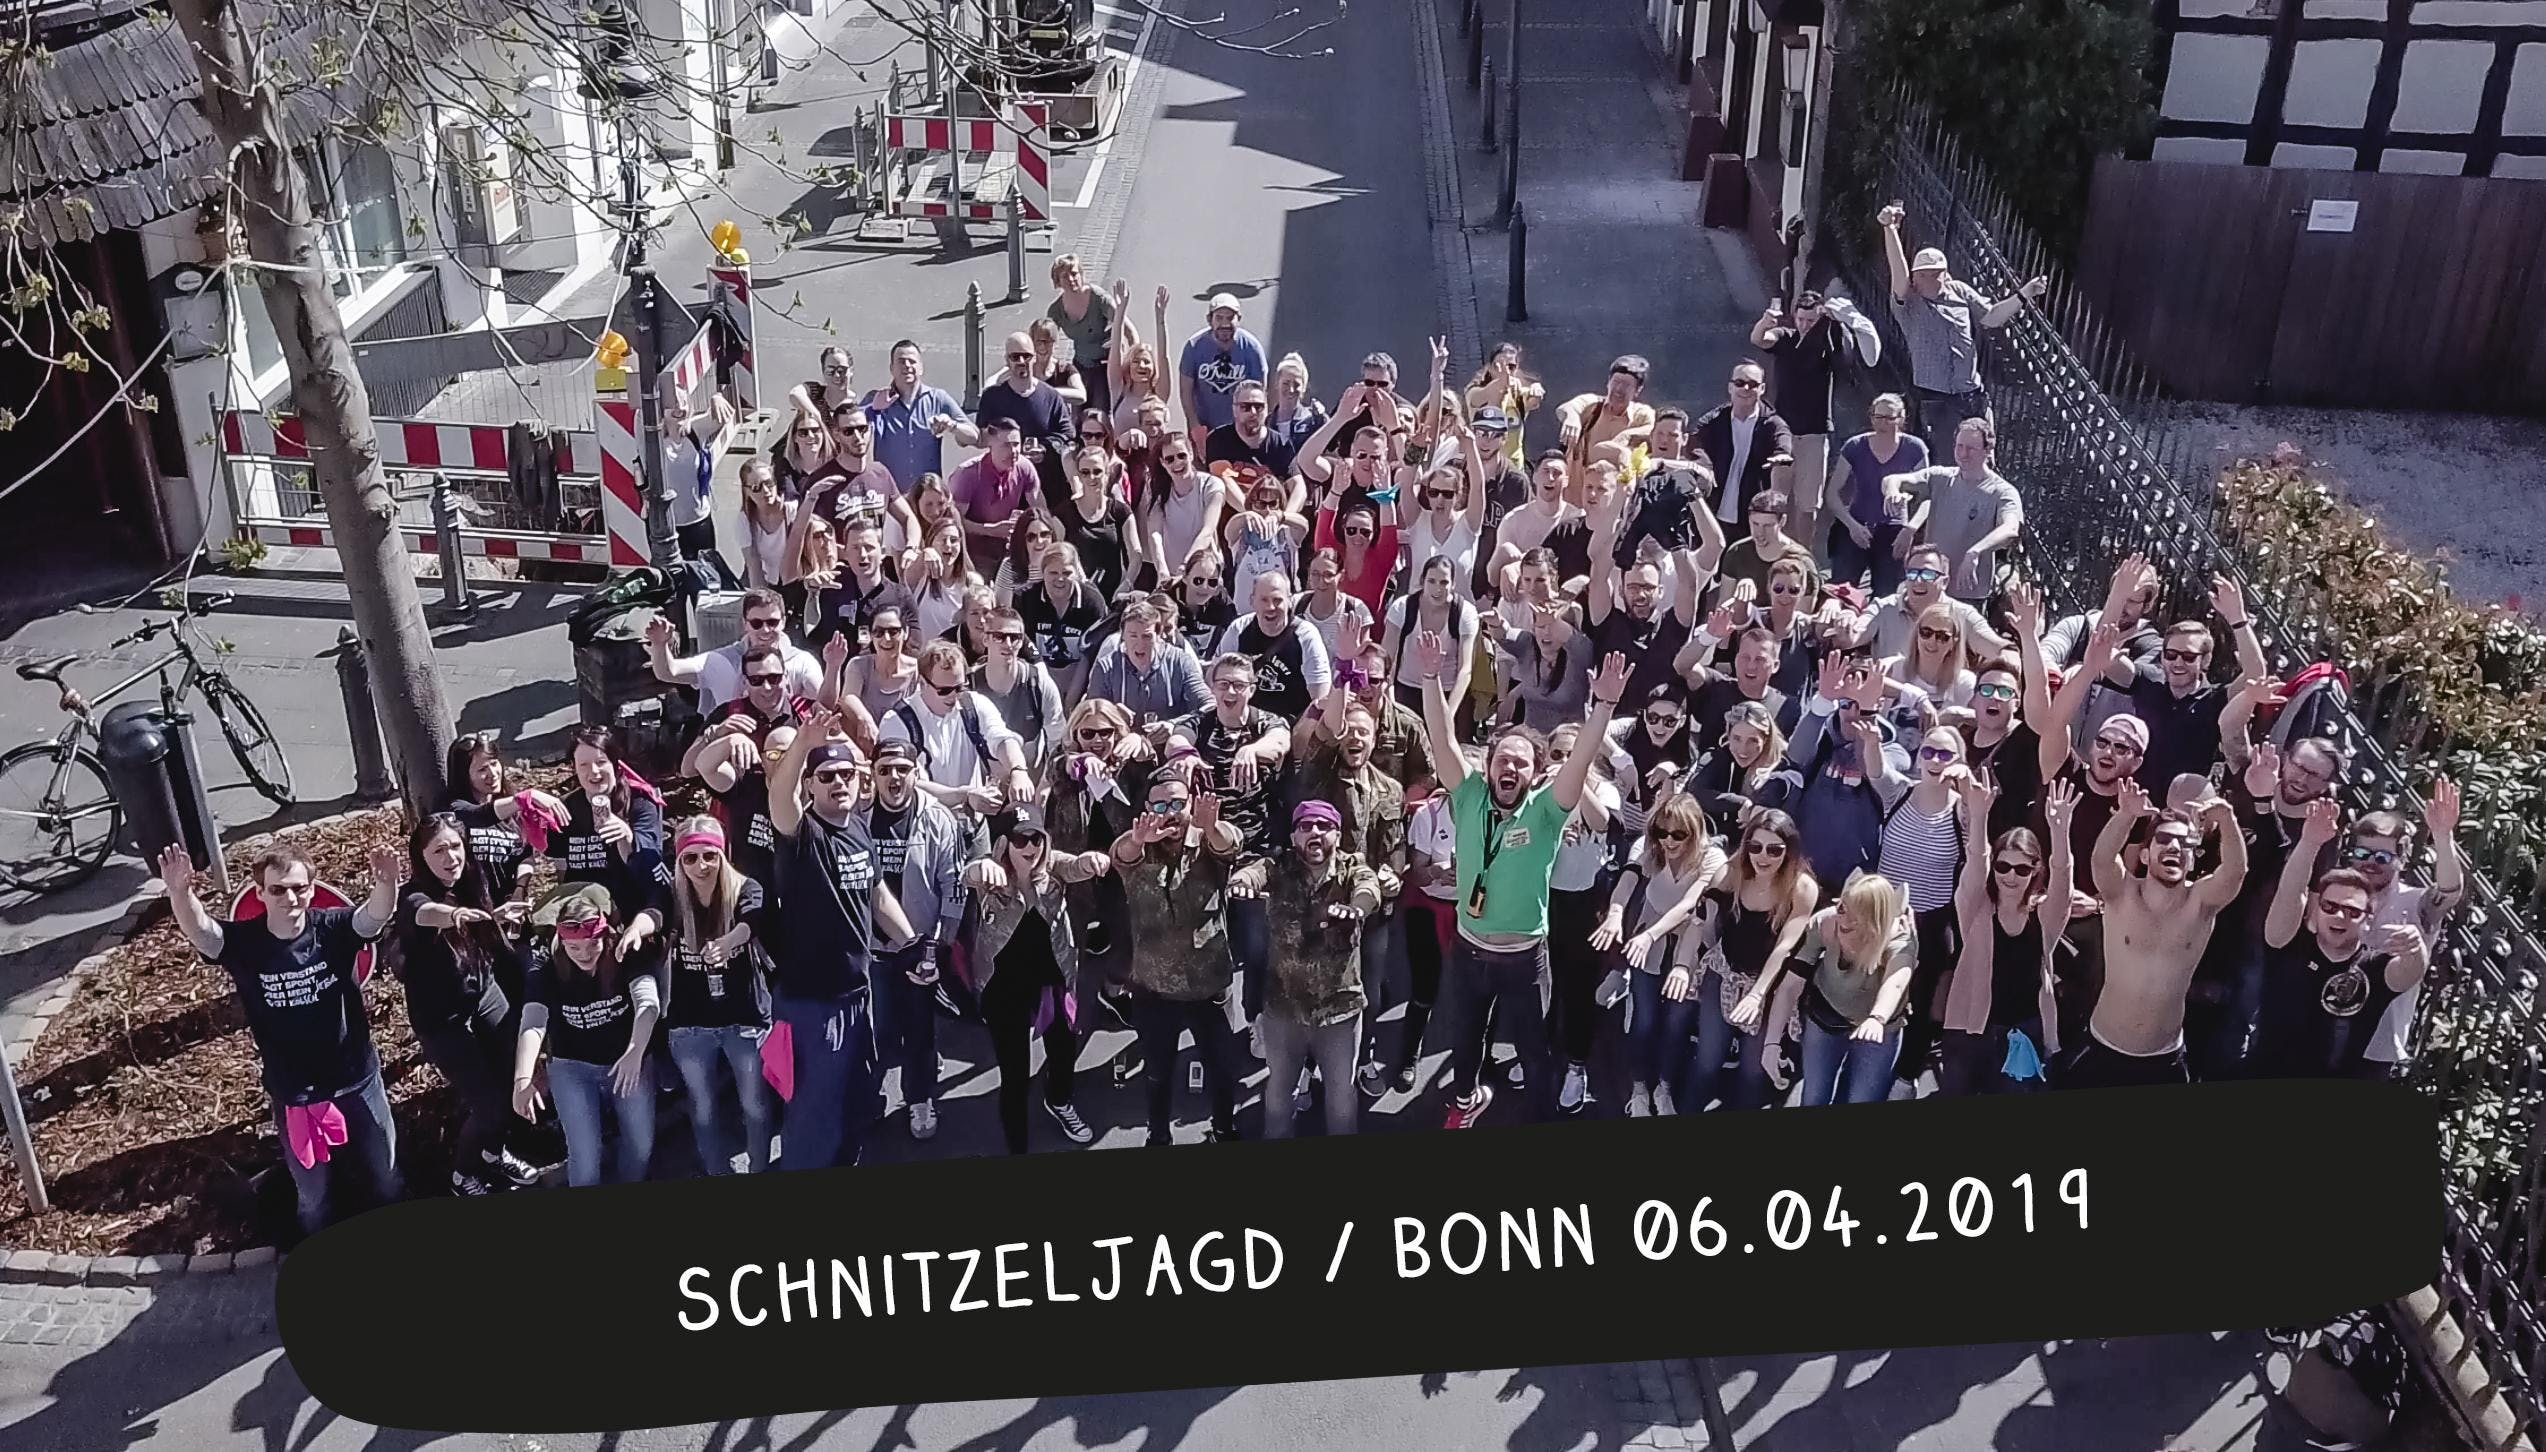 Schnitzeljagd / Bonn Frühjahr 2019 at Bonn, Bonn